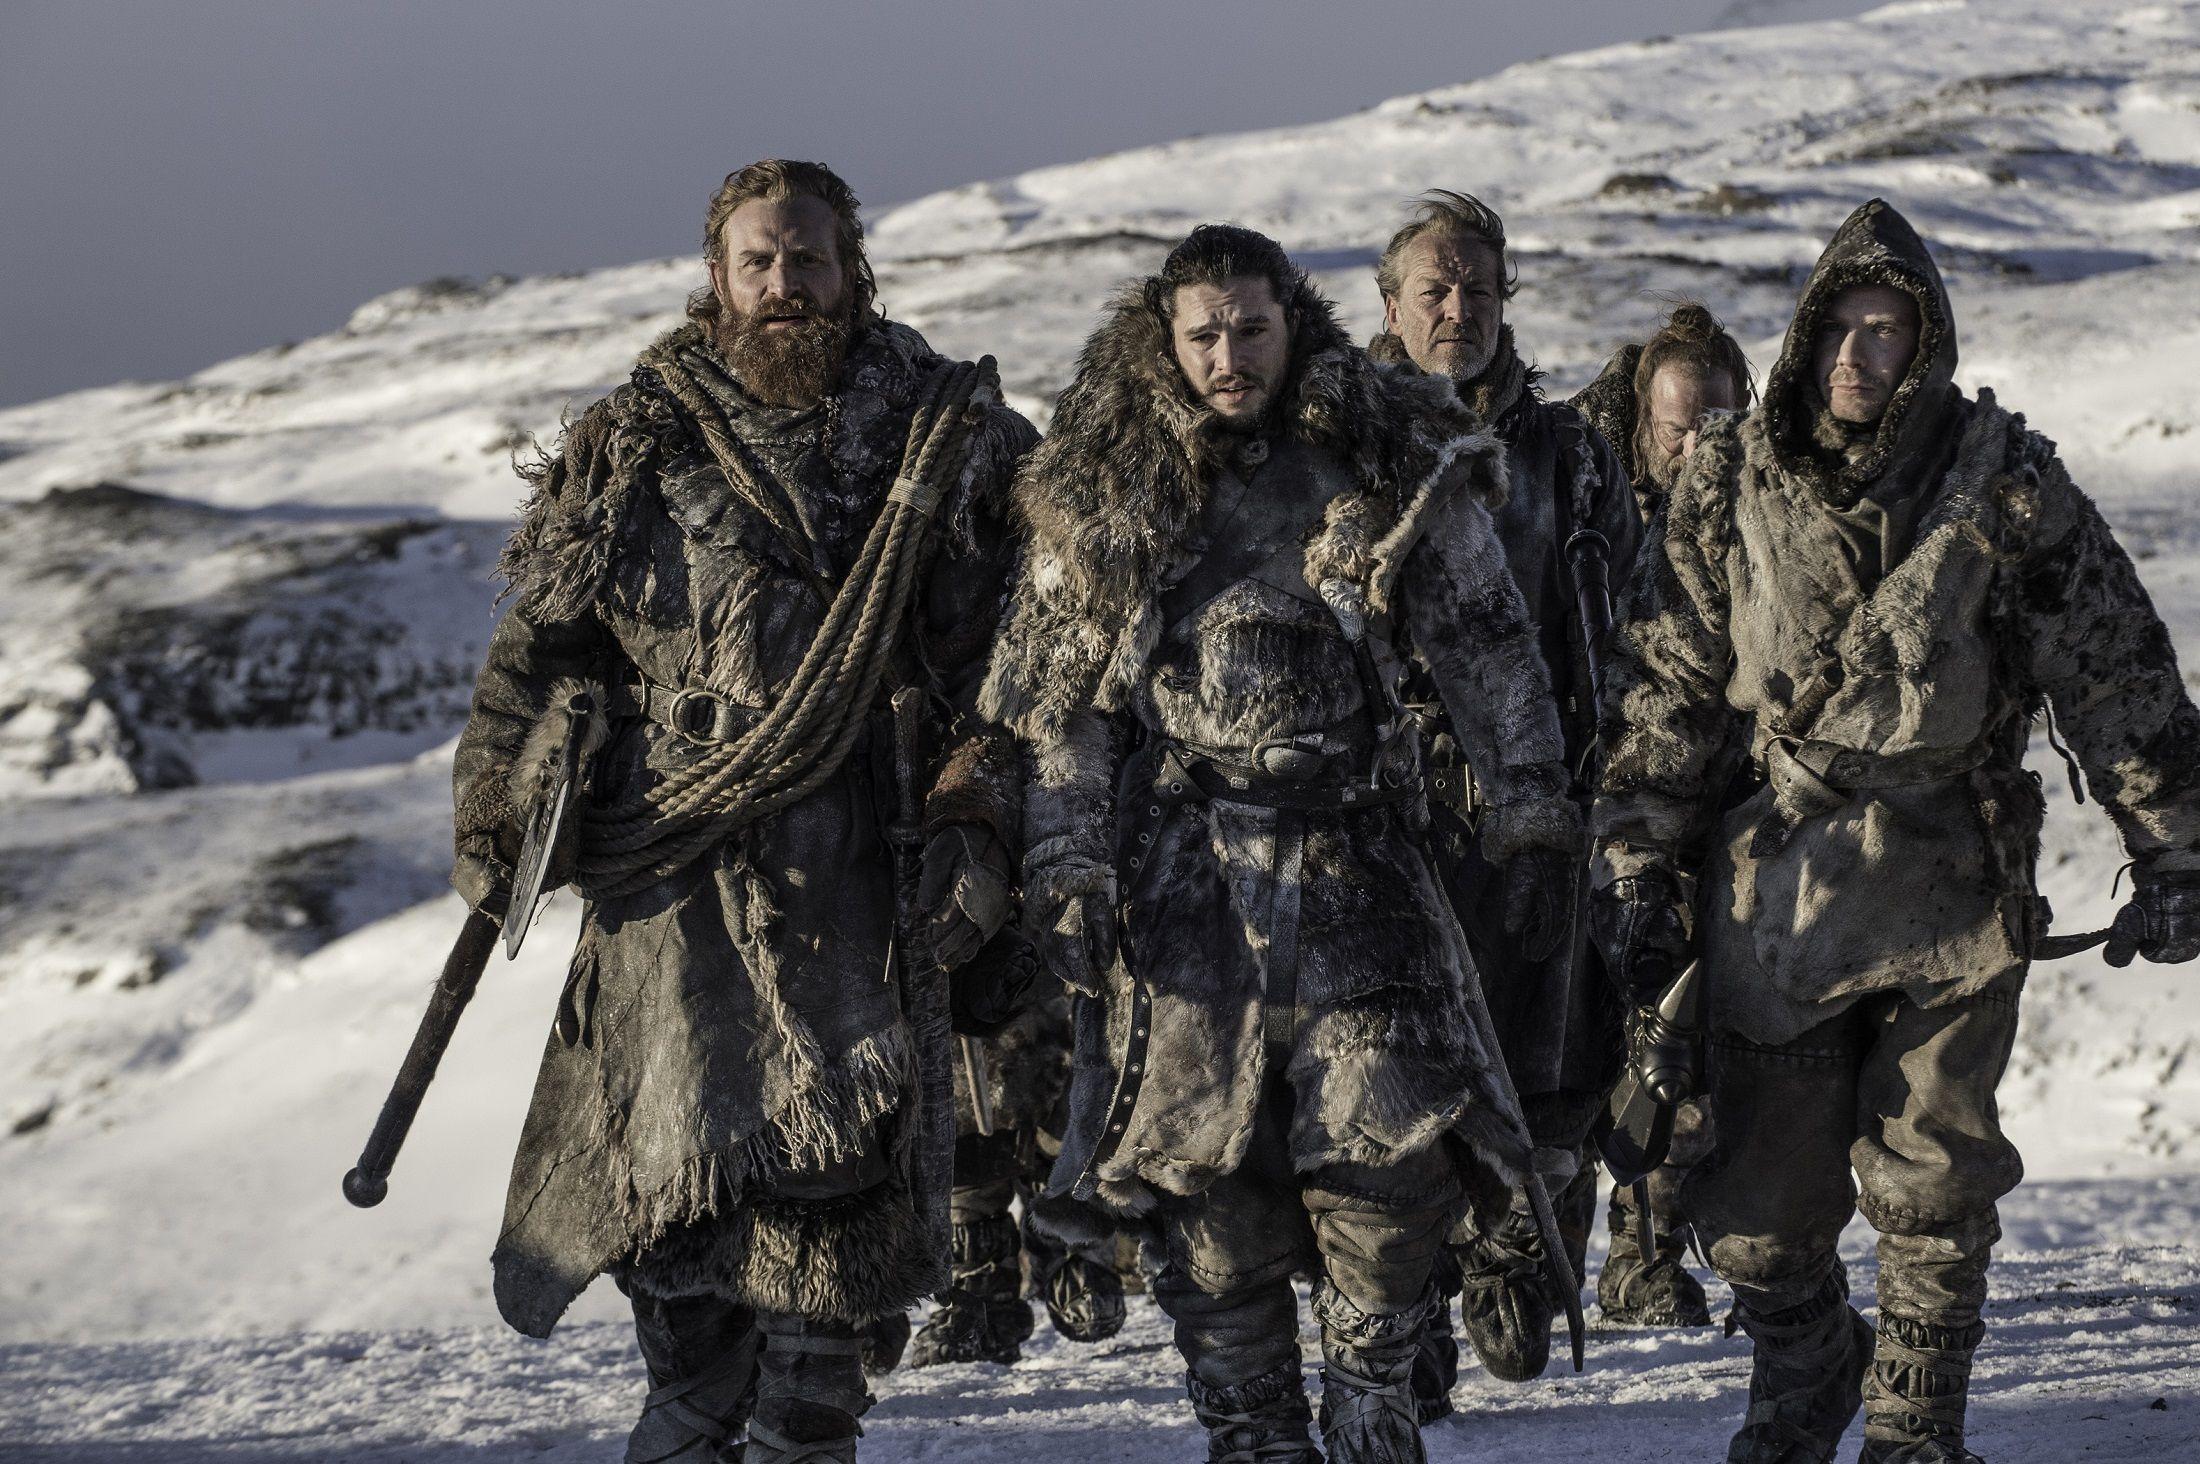 Game Of Thrones Season 7 Stills - HD Wallpaper